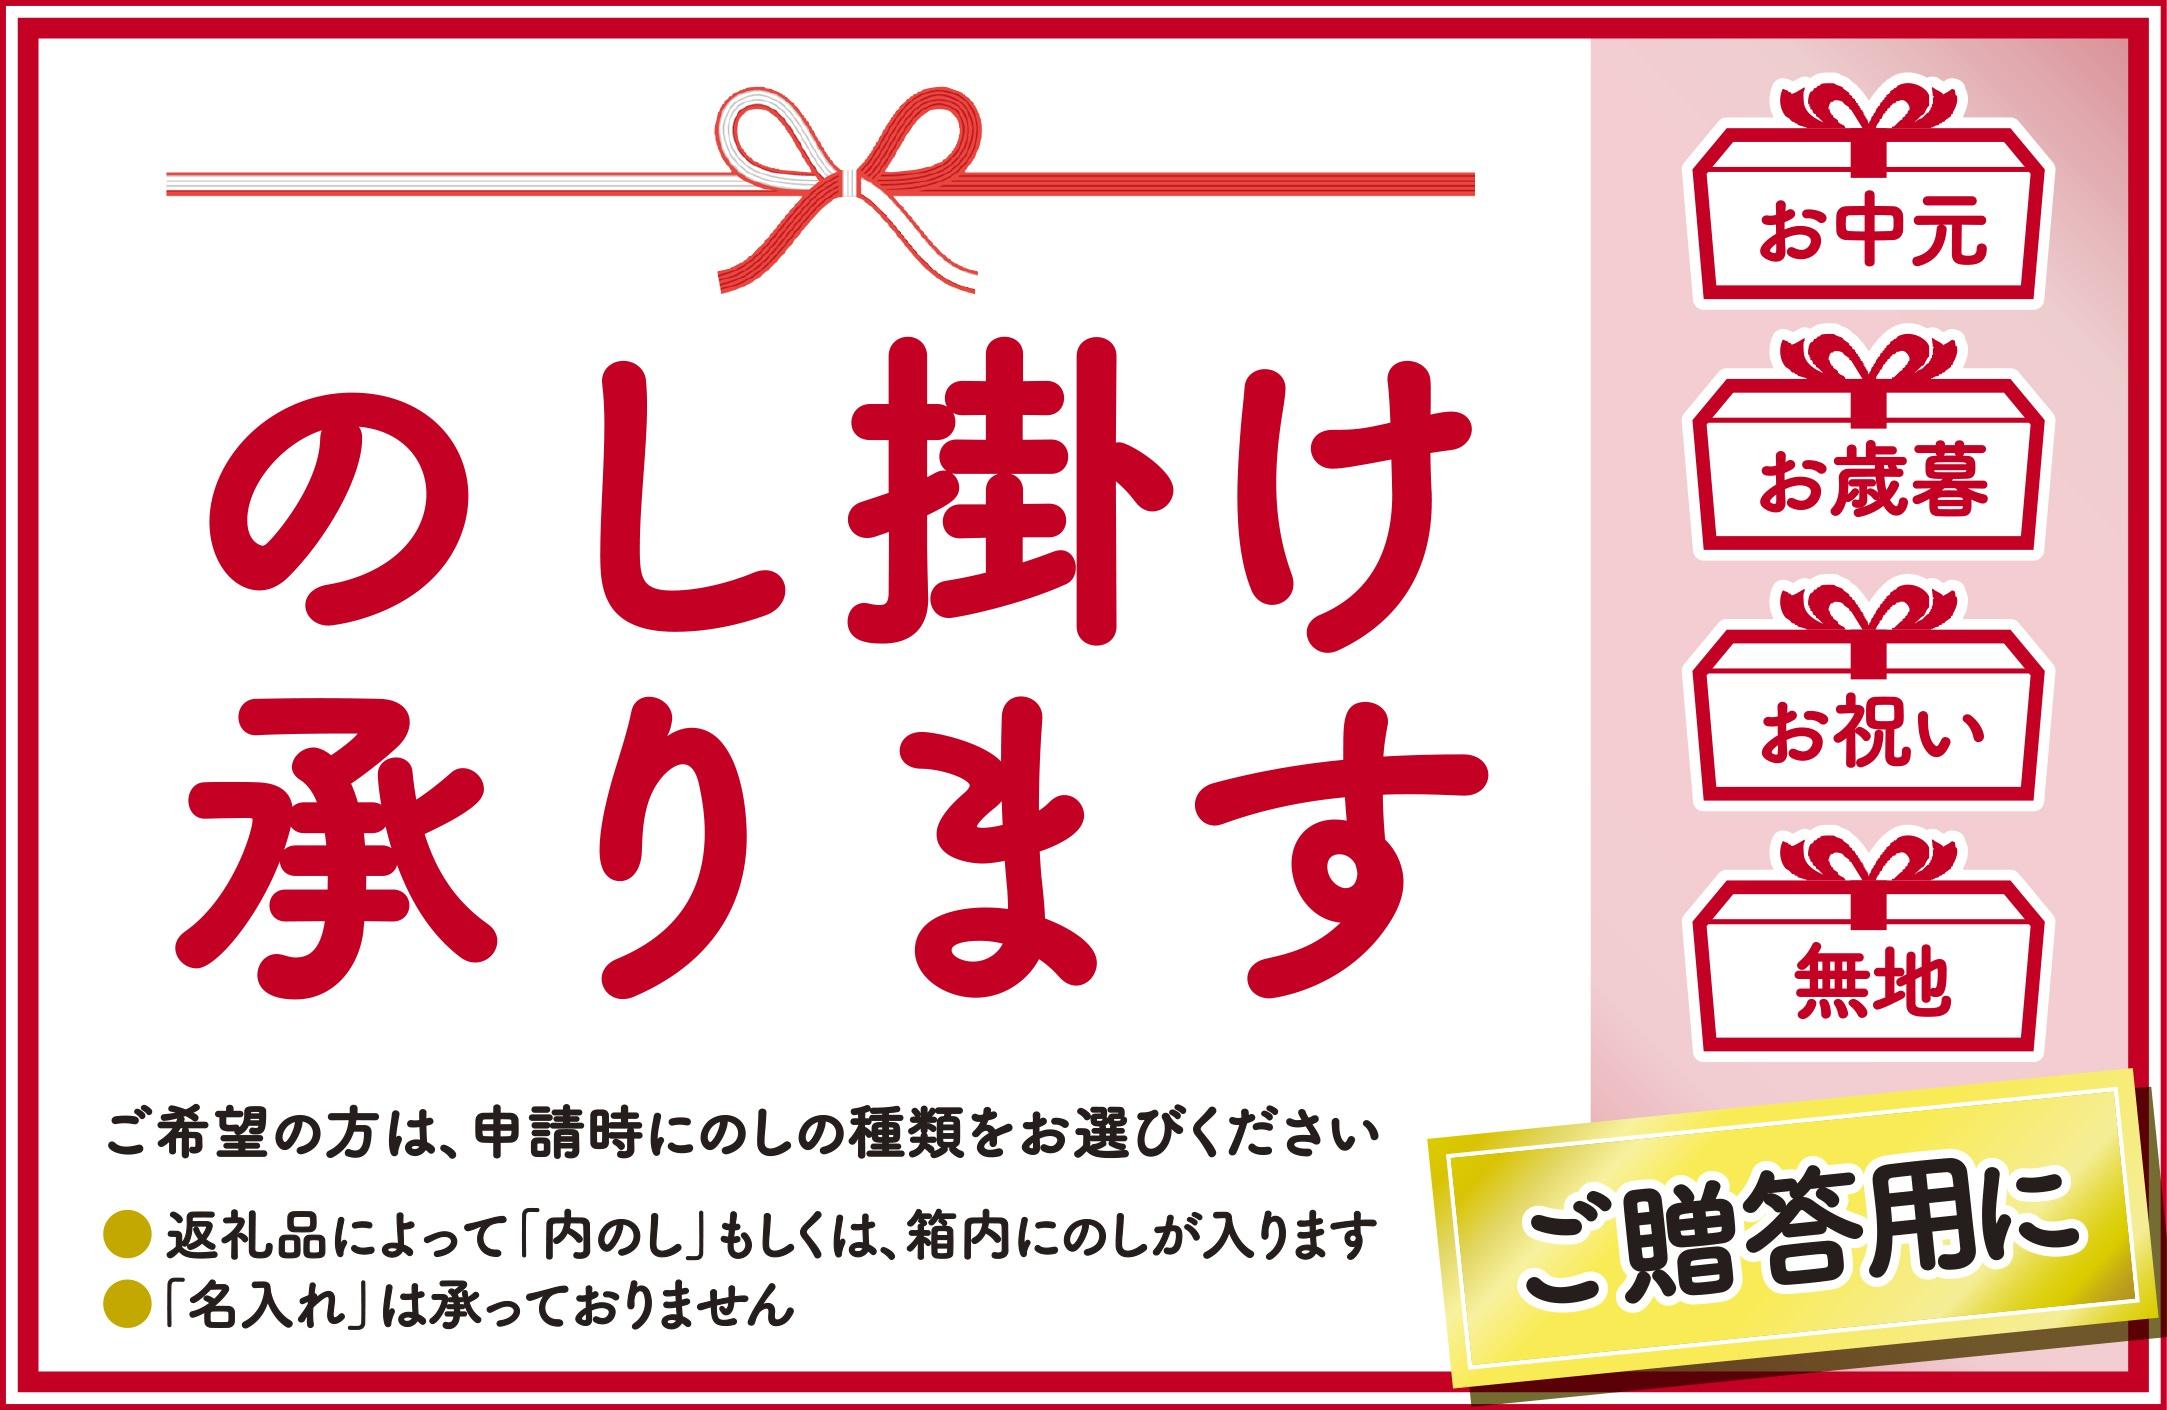 【新型コロナ被害支援】【特別価格】マルツボのたこカレー【1.5人前×5個】